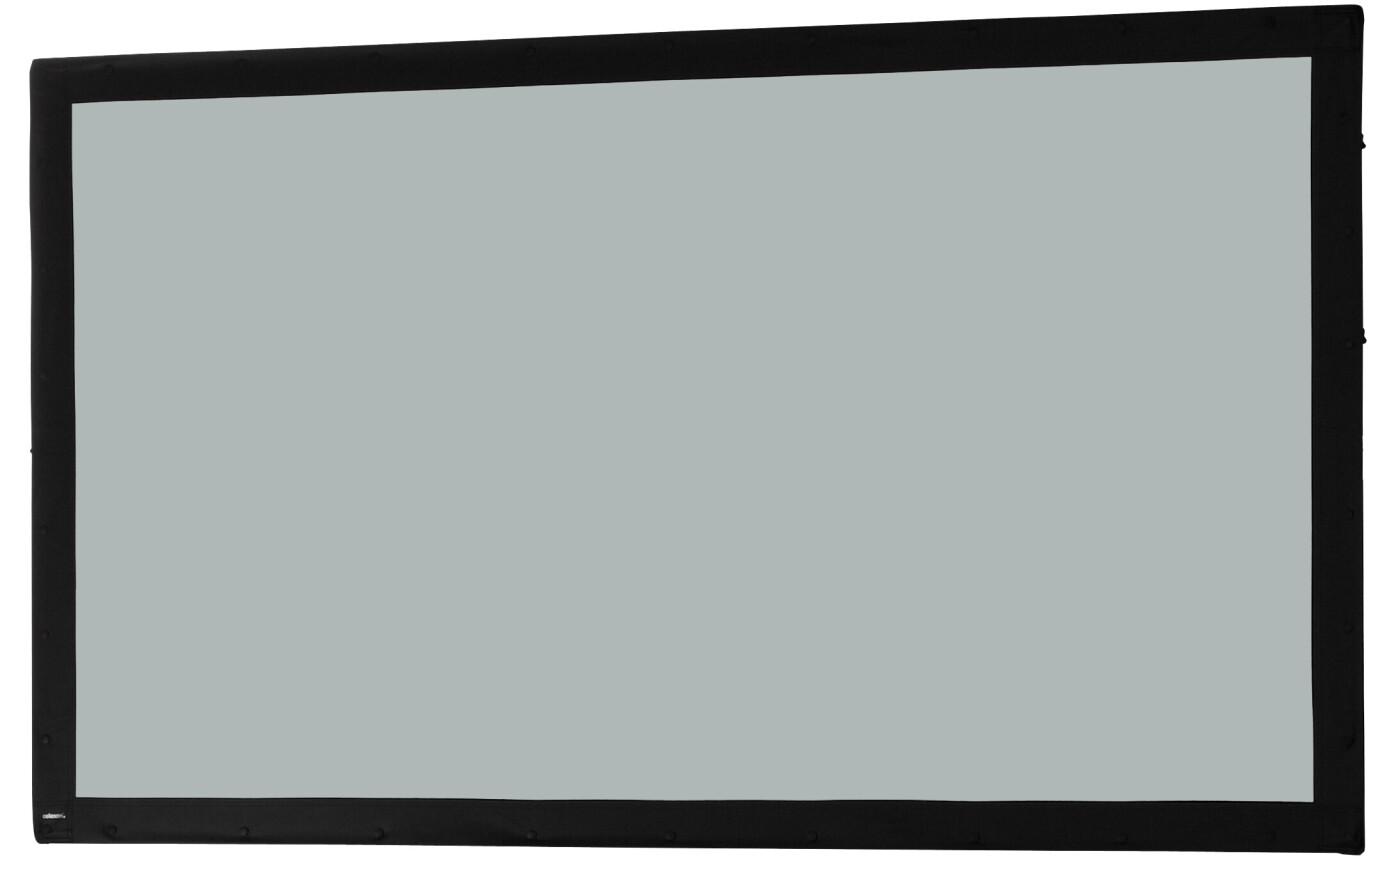 """Toile 203 x 114 cm - Rétroprojection - pour Ecran de projection sur Cadre celexon """"Mobile Expert"""""""